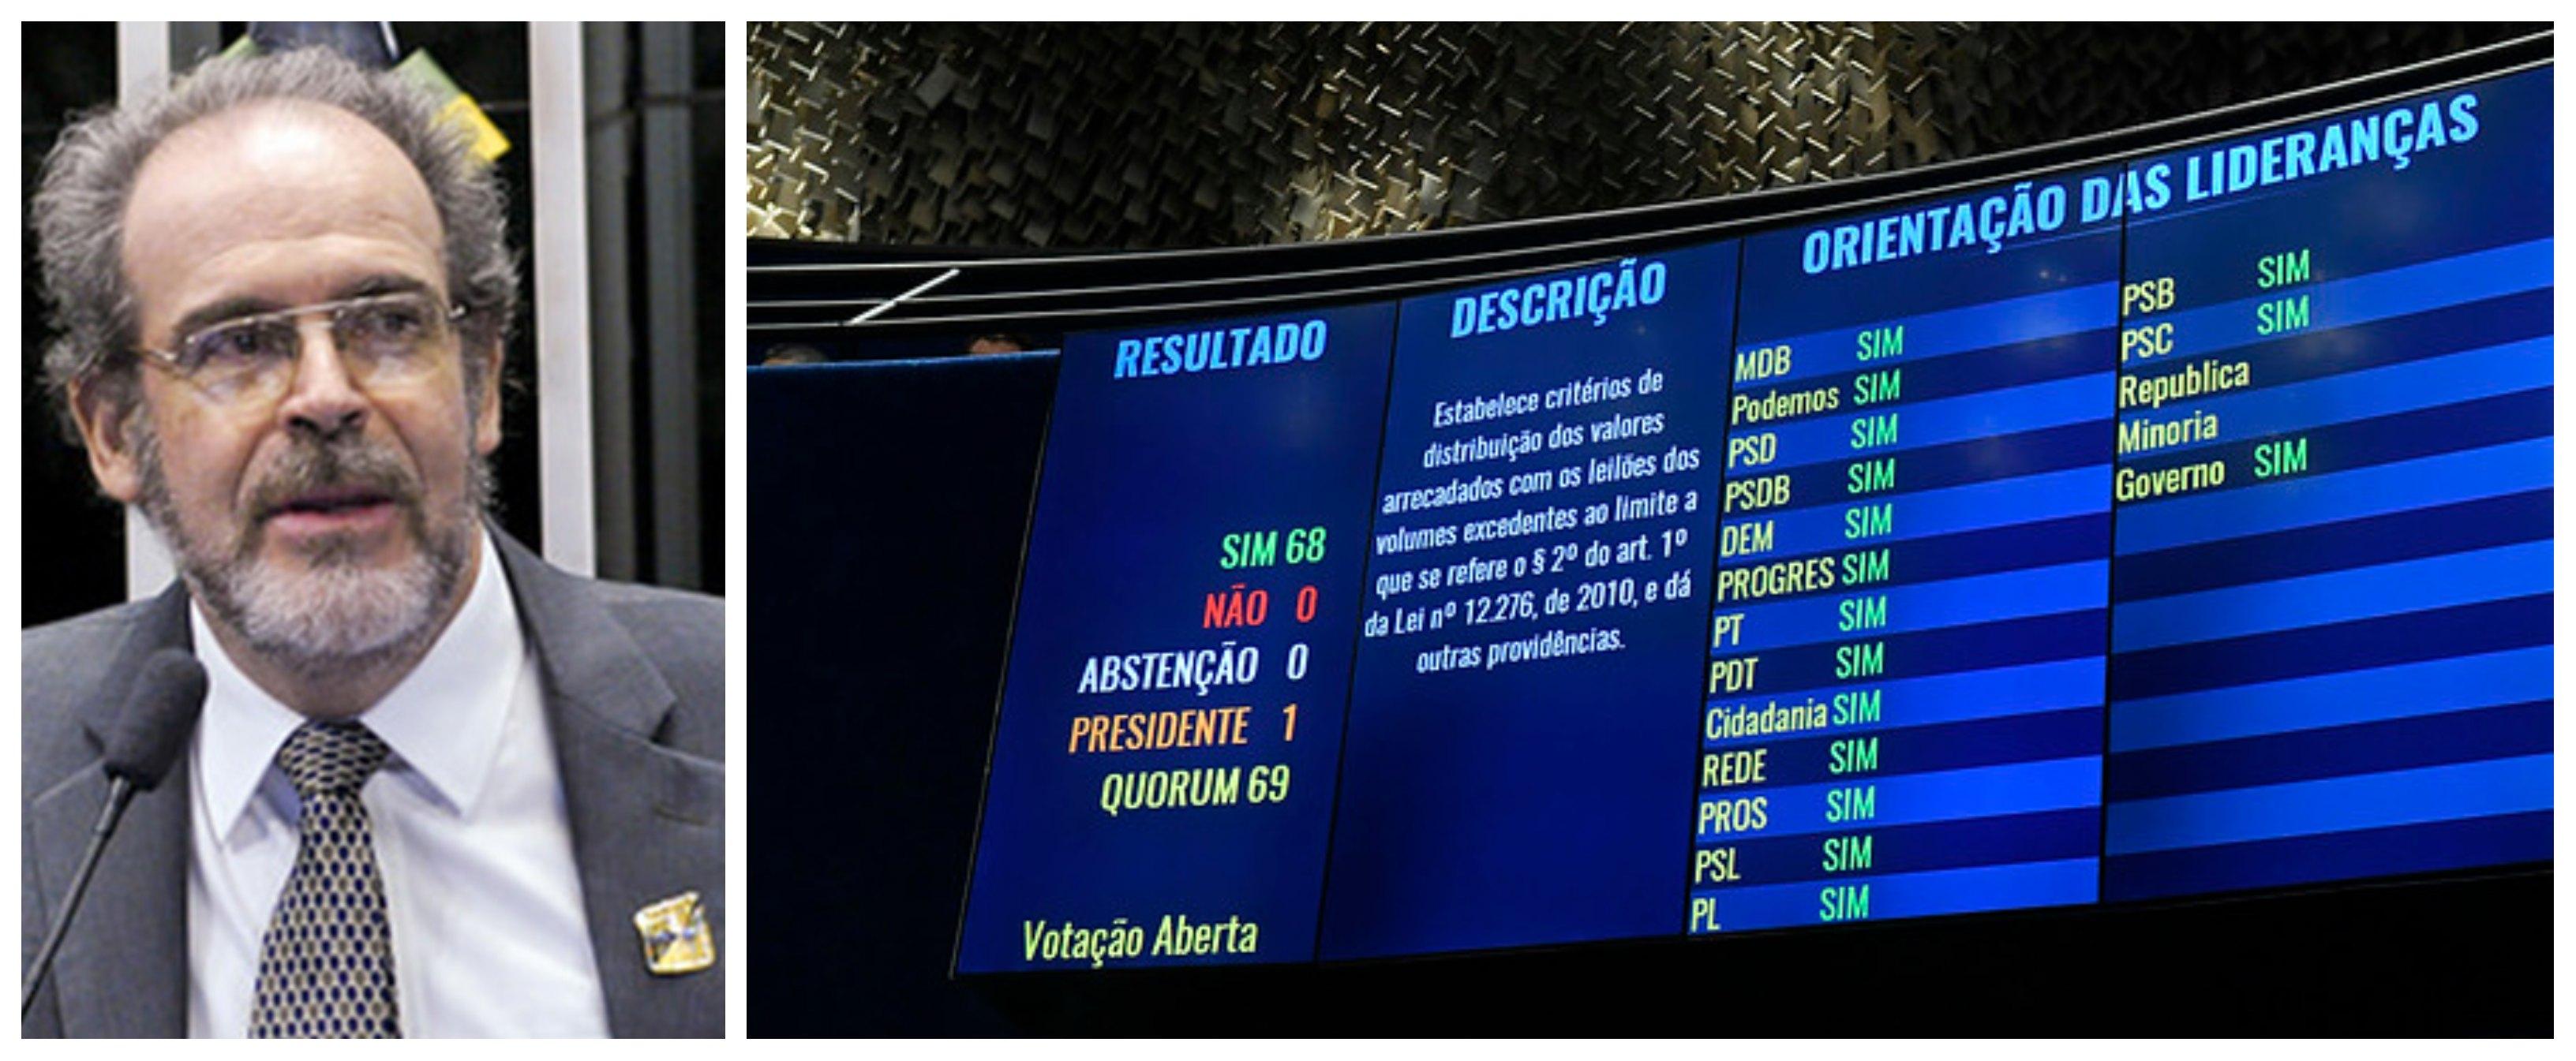 Paulo César Ribeiro: PDT, PT e PCdoB não discutiram política de conteúdo nacional em busca de trocados